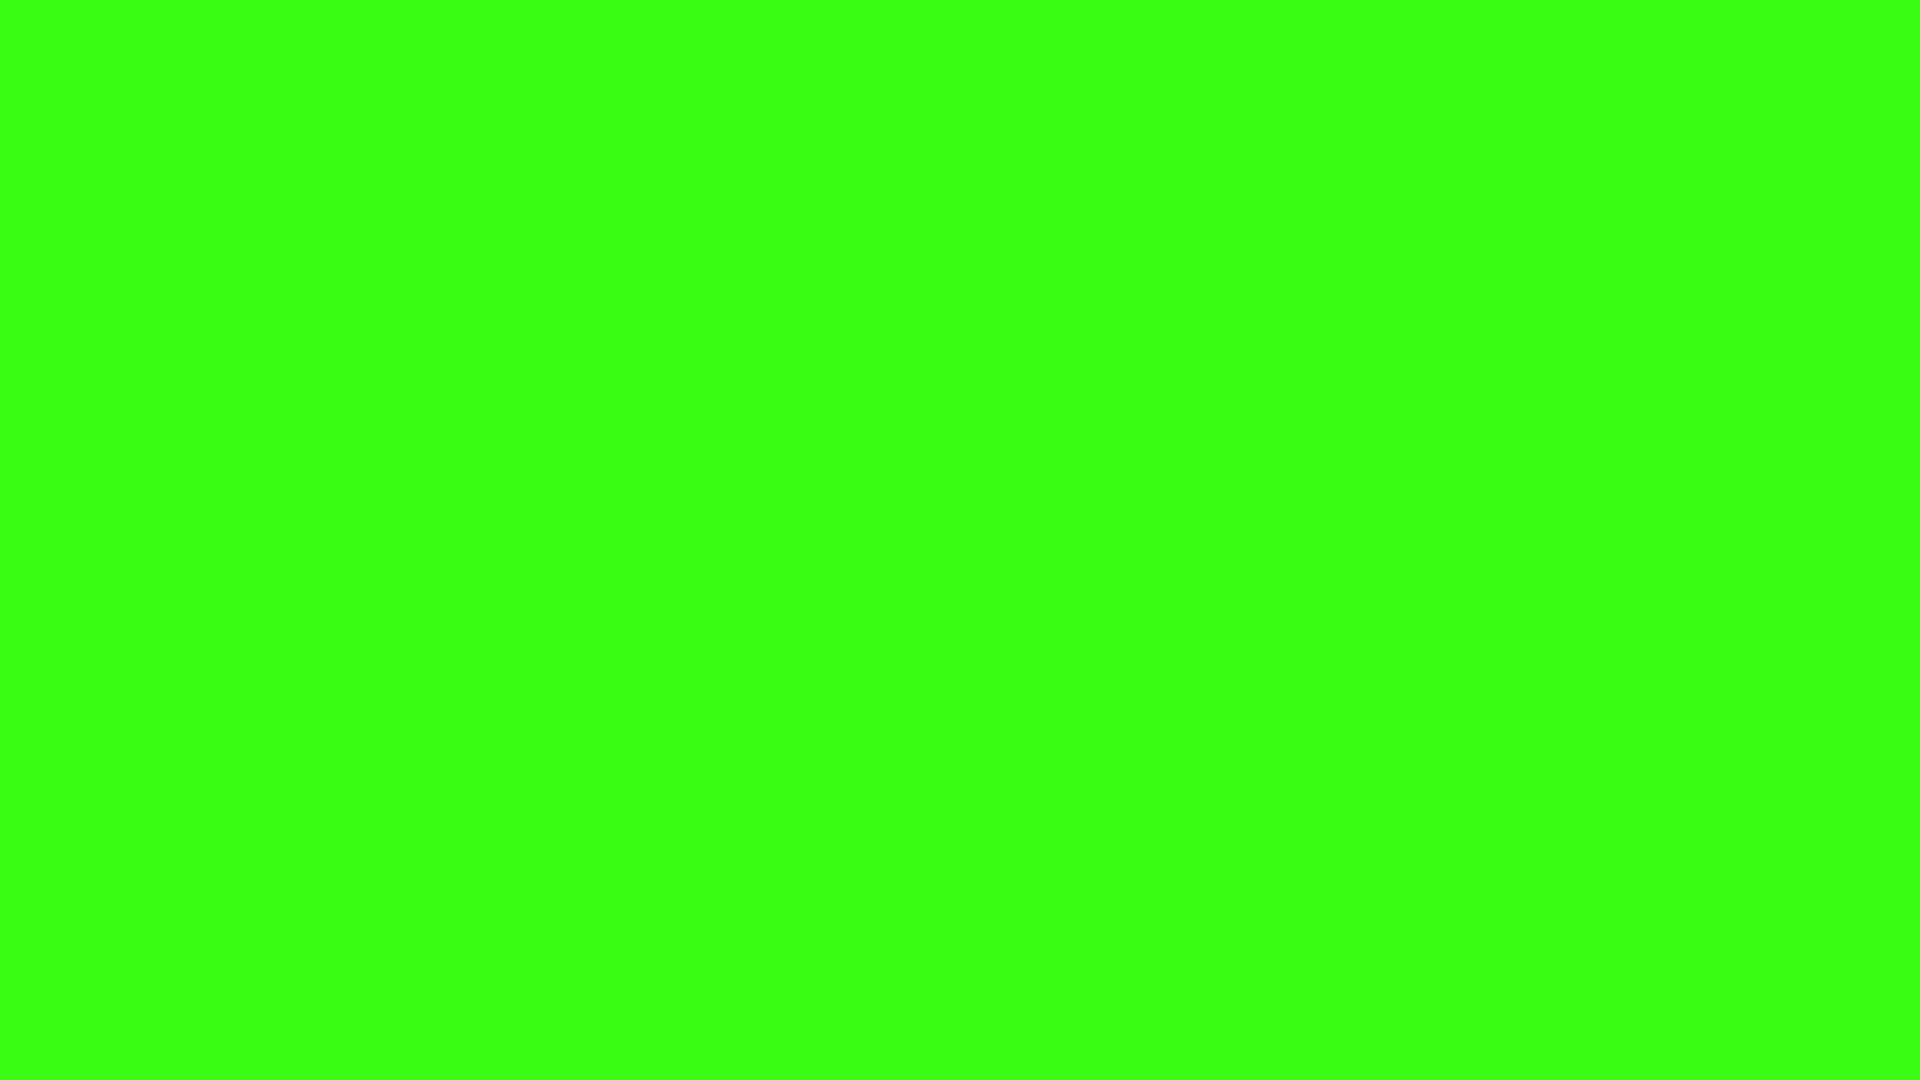 Under Armour Girl Wallpaper Hd Lime Green Backgrounds Pixelstalk Net